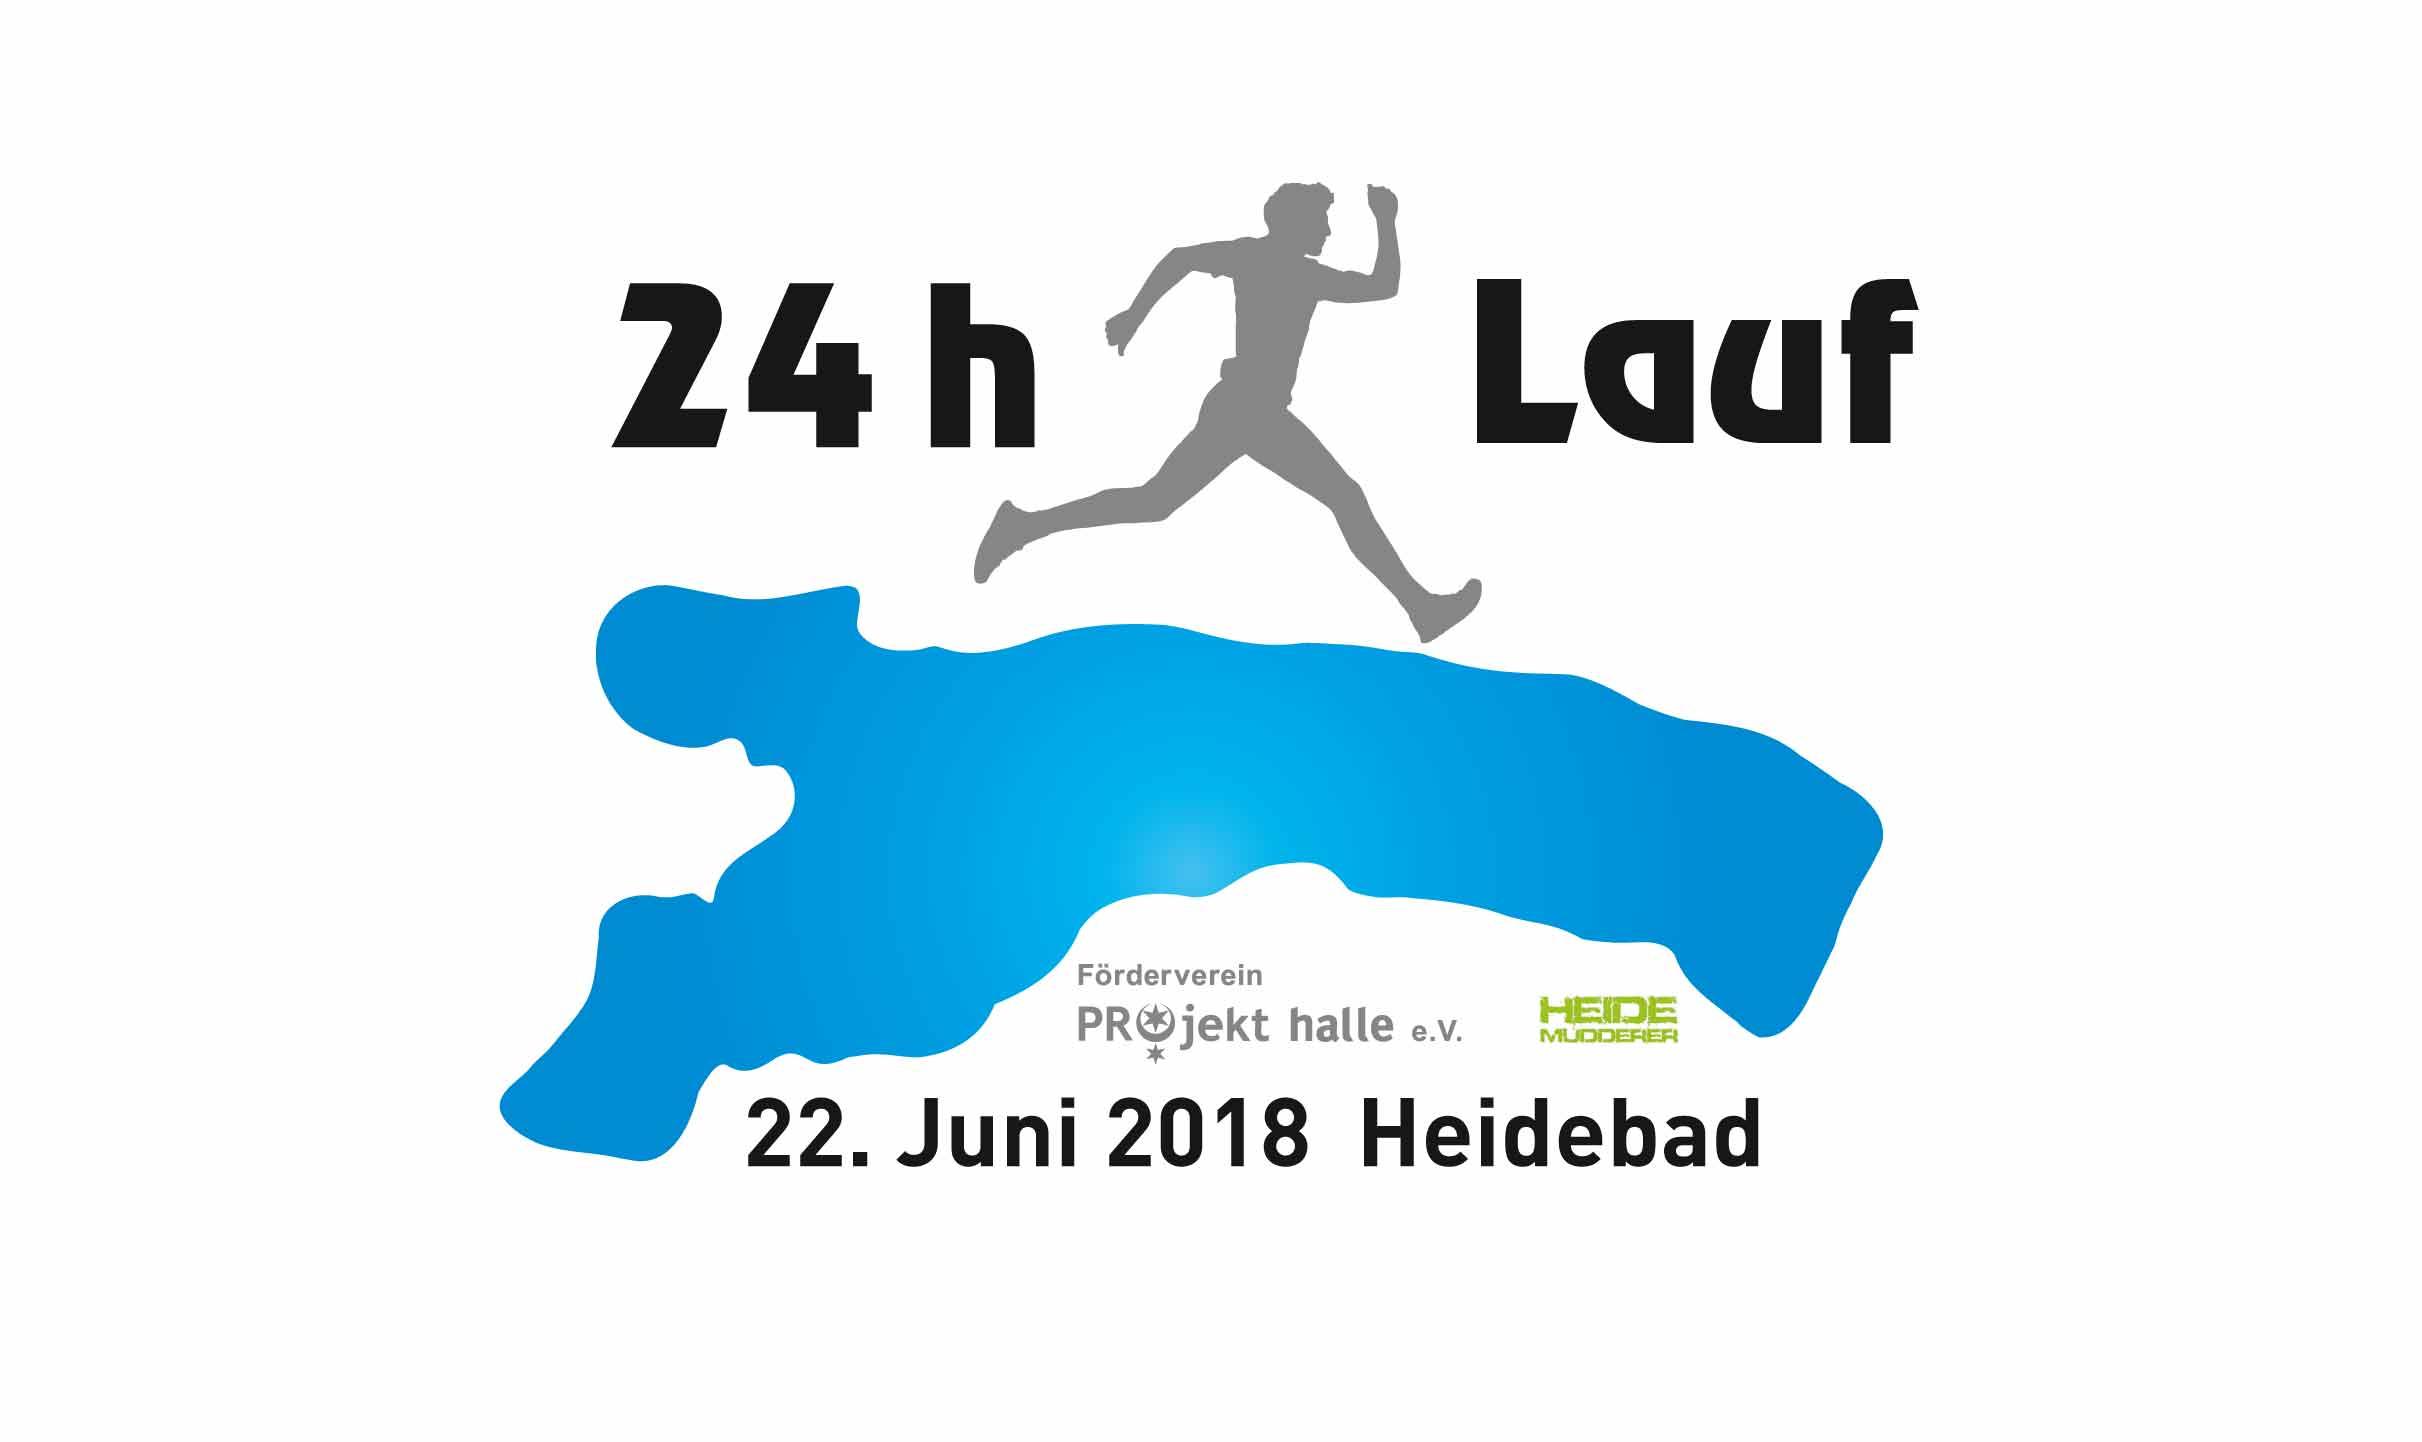 24h Lauf um den Heidesee